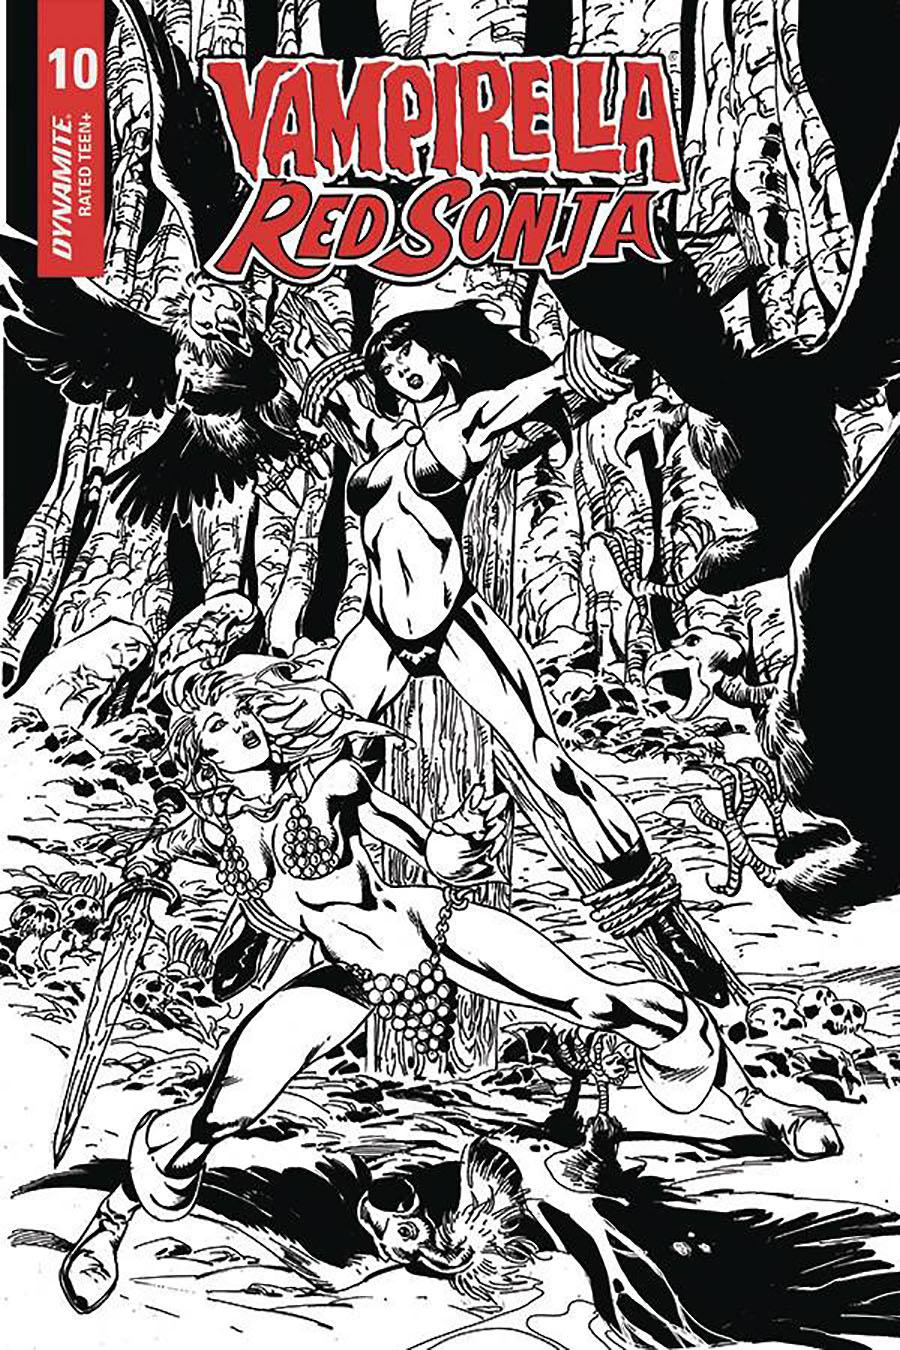 Vampirella Red Sonja #10 Cover G Incentive Roberto Castro Black & White Cover